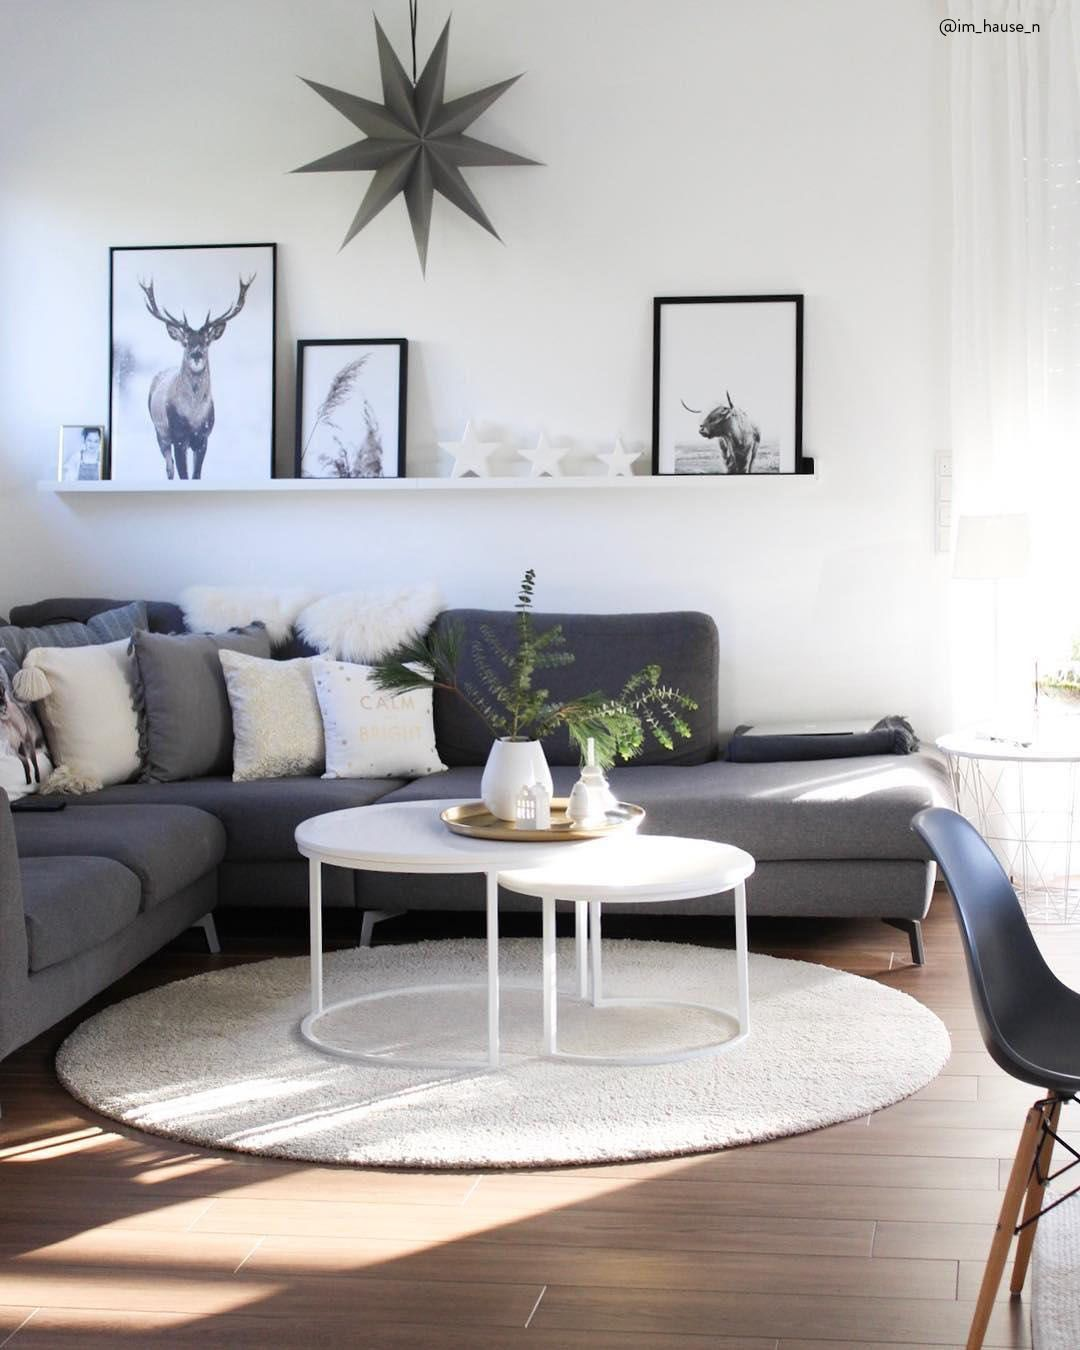 Ideen Für Ein Schönes Wohnzimmer: Schaffell Cassy In 2019